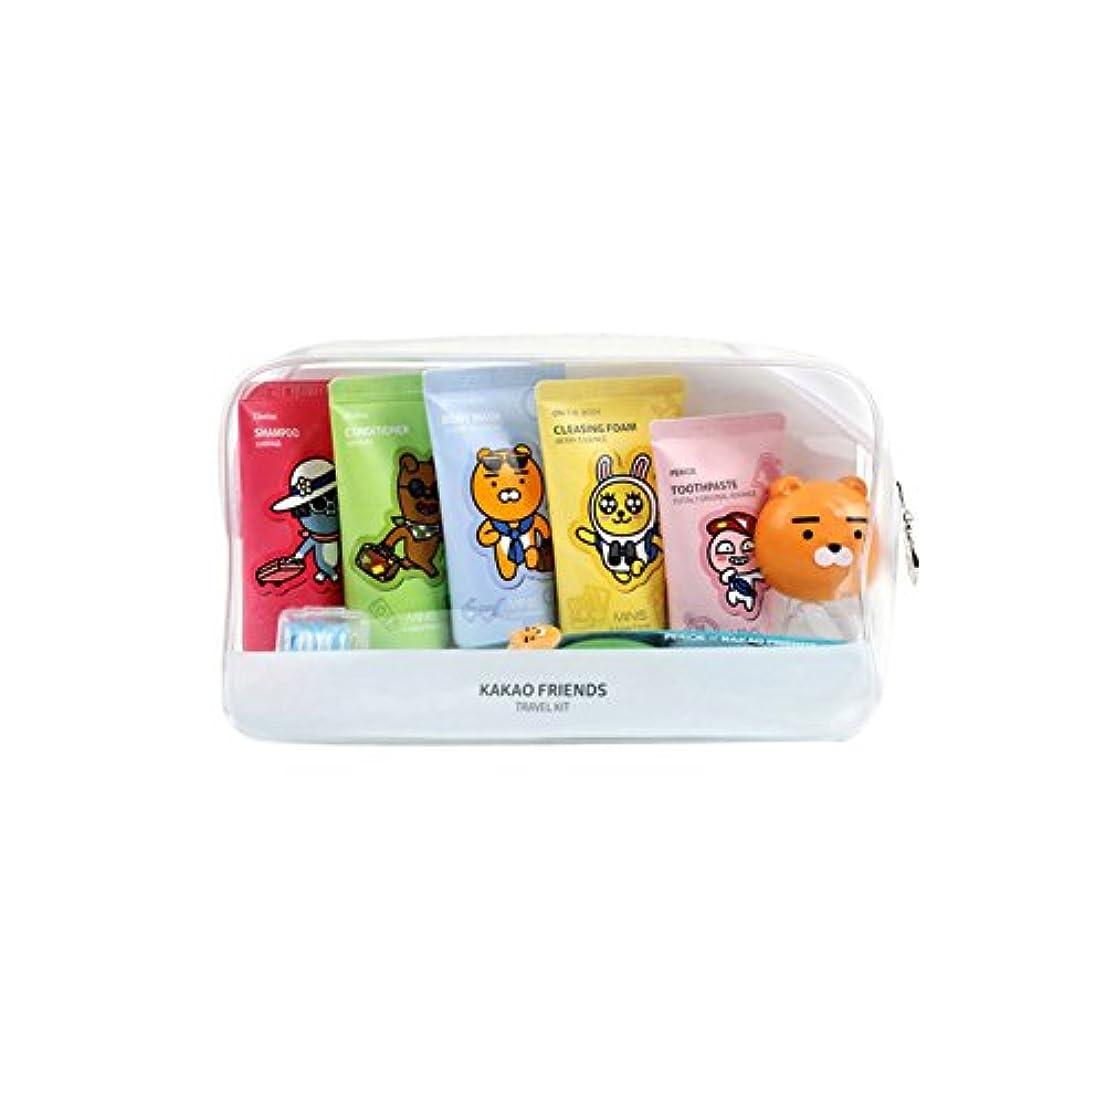 モックテレビ局パイントKAKAO Friends Convenience Travel Kit 7 Piece Shampoo,Conditioner,Body Wash,Cleansing Foam,Tooth Paste,Tooth Brush...